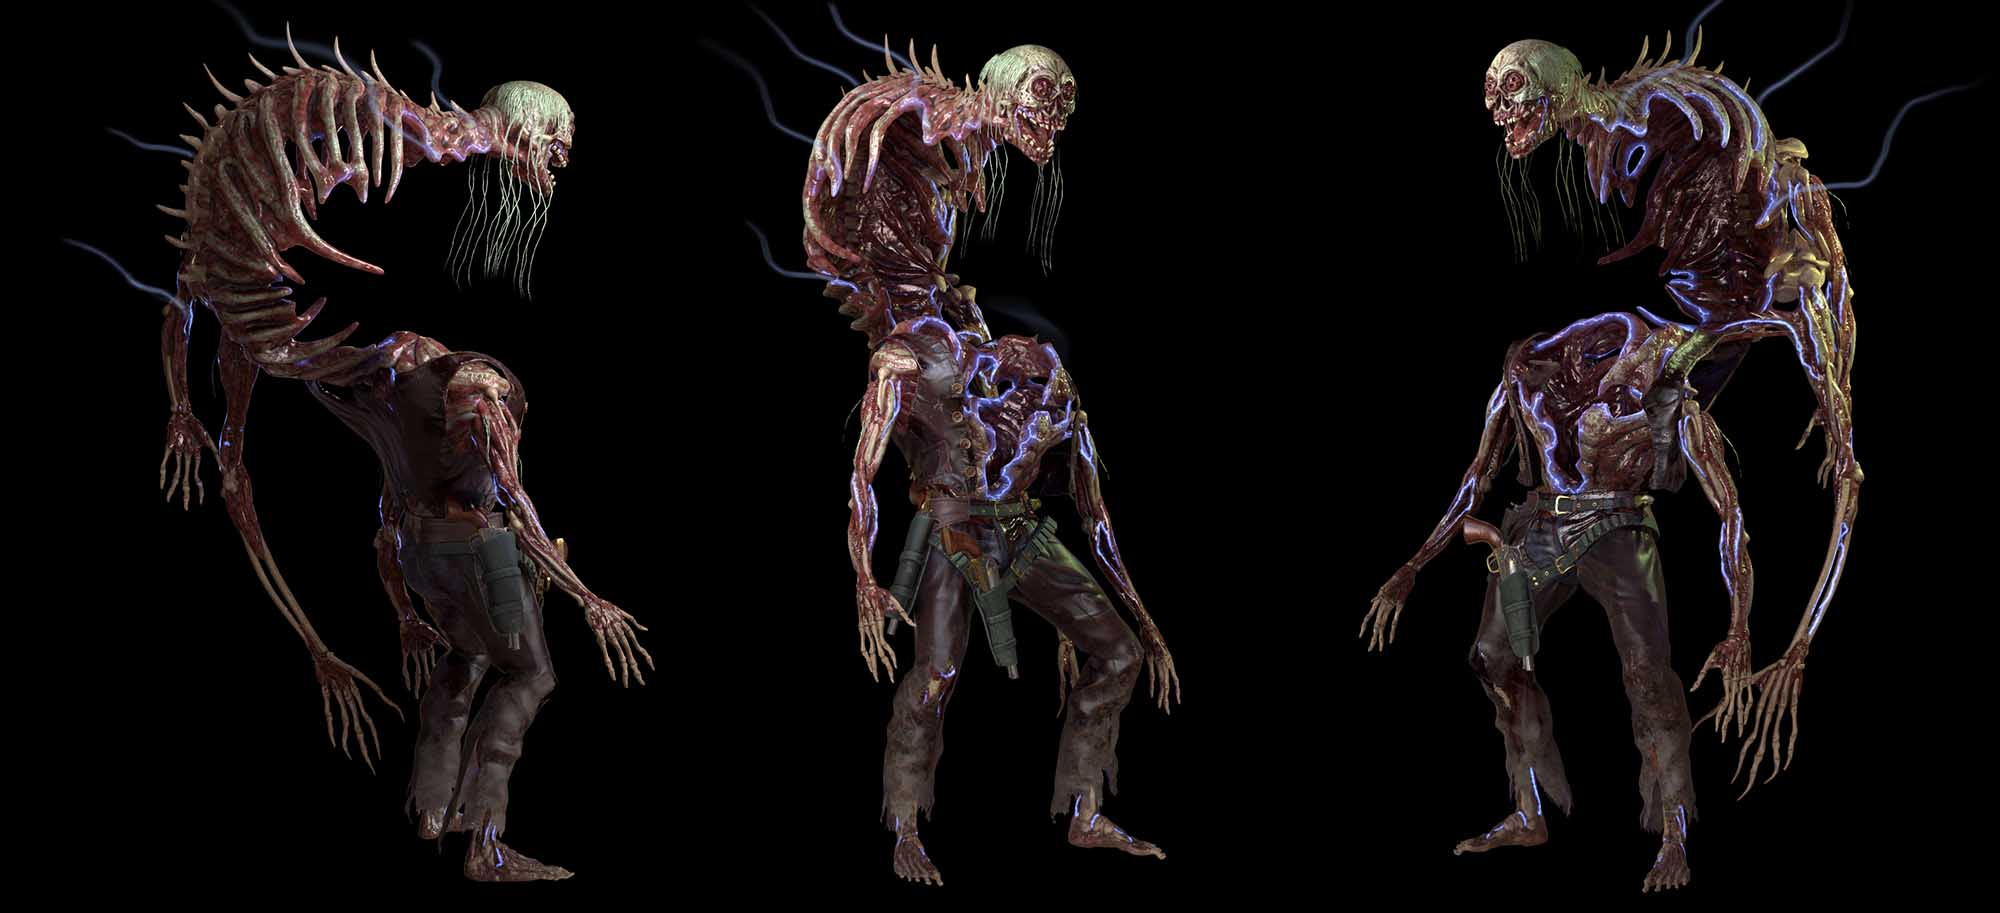 ff1 | 3D 2D Artist.Game Low-poly,sculpting (Персонажи,окружение и тд)